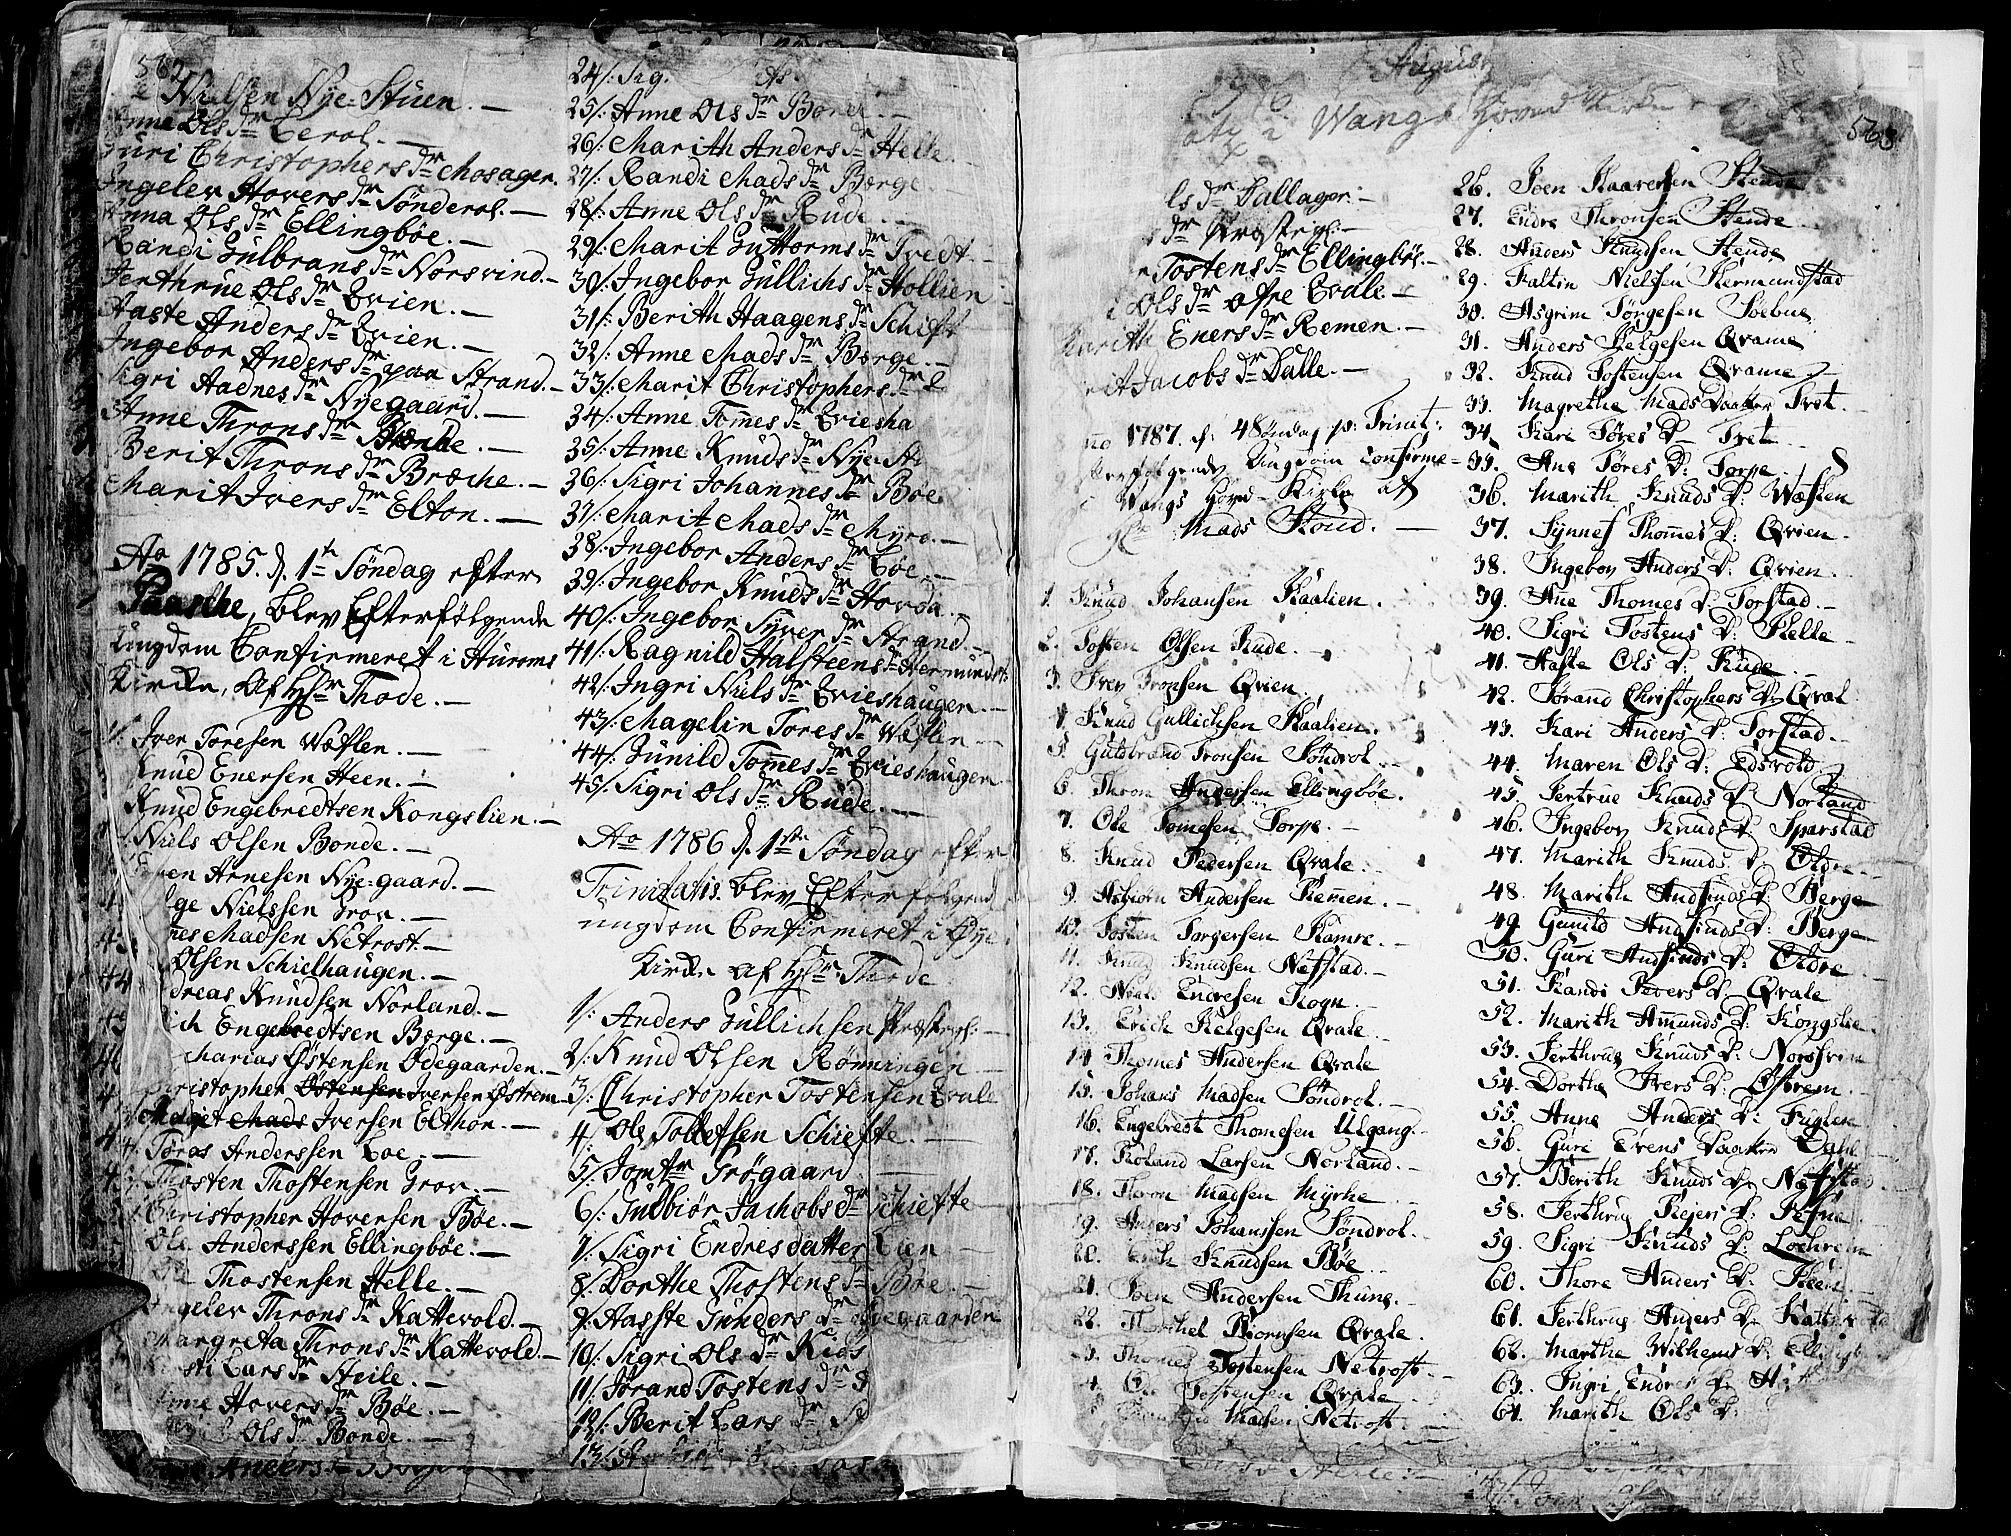 SAH, Vang prestekontor, Valdres, Ministerialbok nr. 1, 1730-1796, s. 562-563